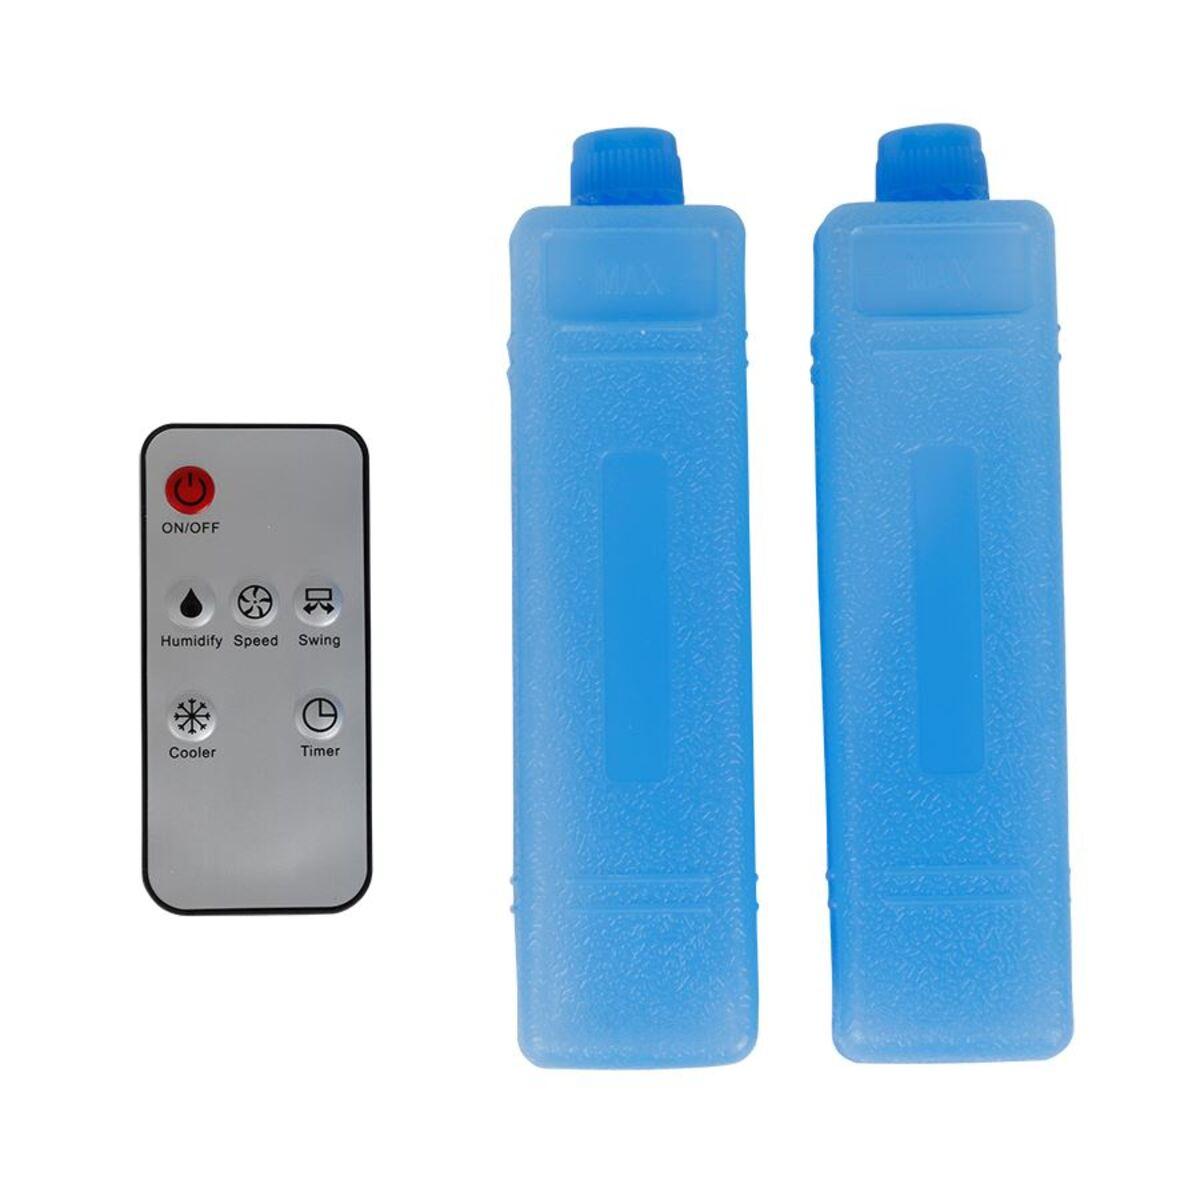 Bild 3 von Kinzo Kühllüfter 80W mit 2 Kühlpacks und Fernbedienung